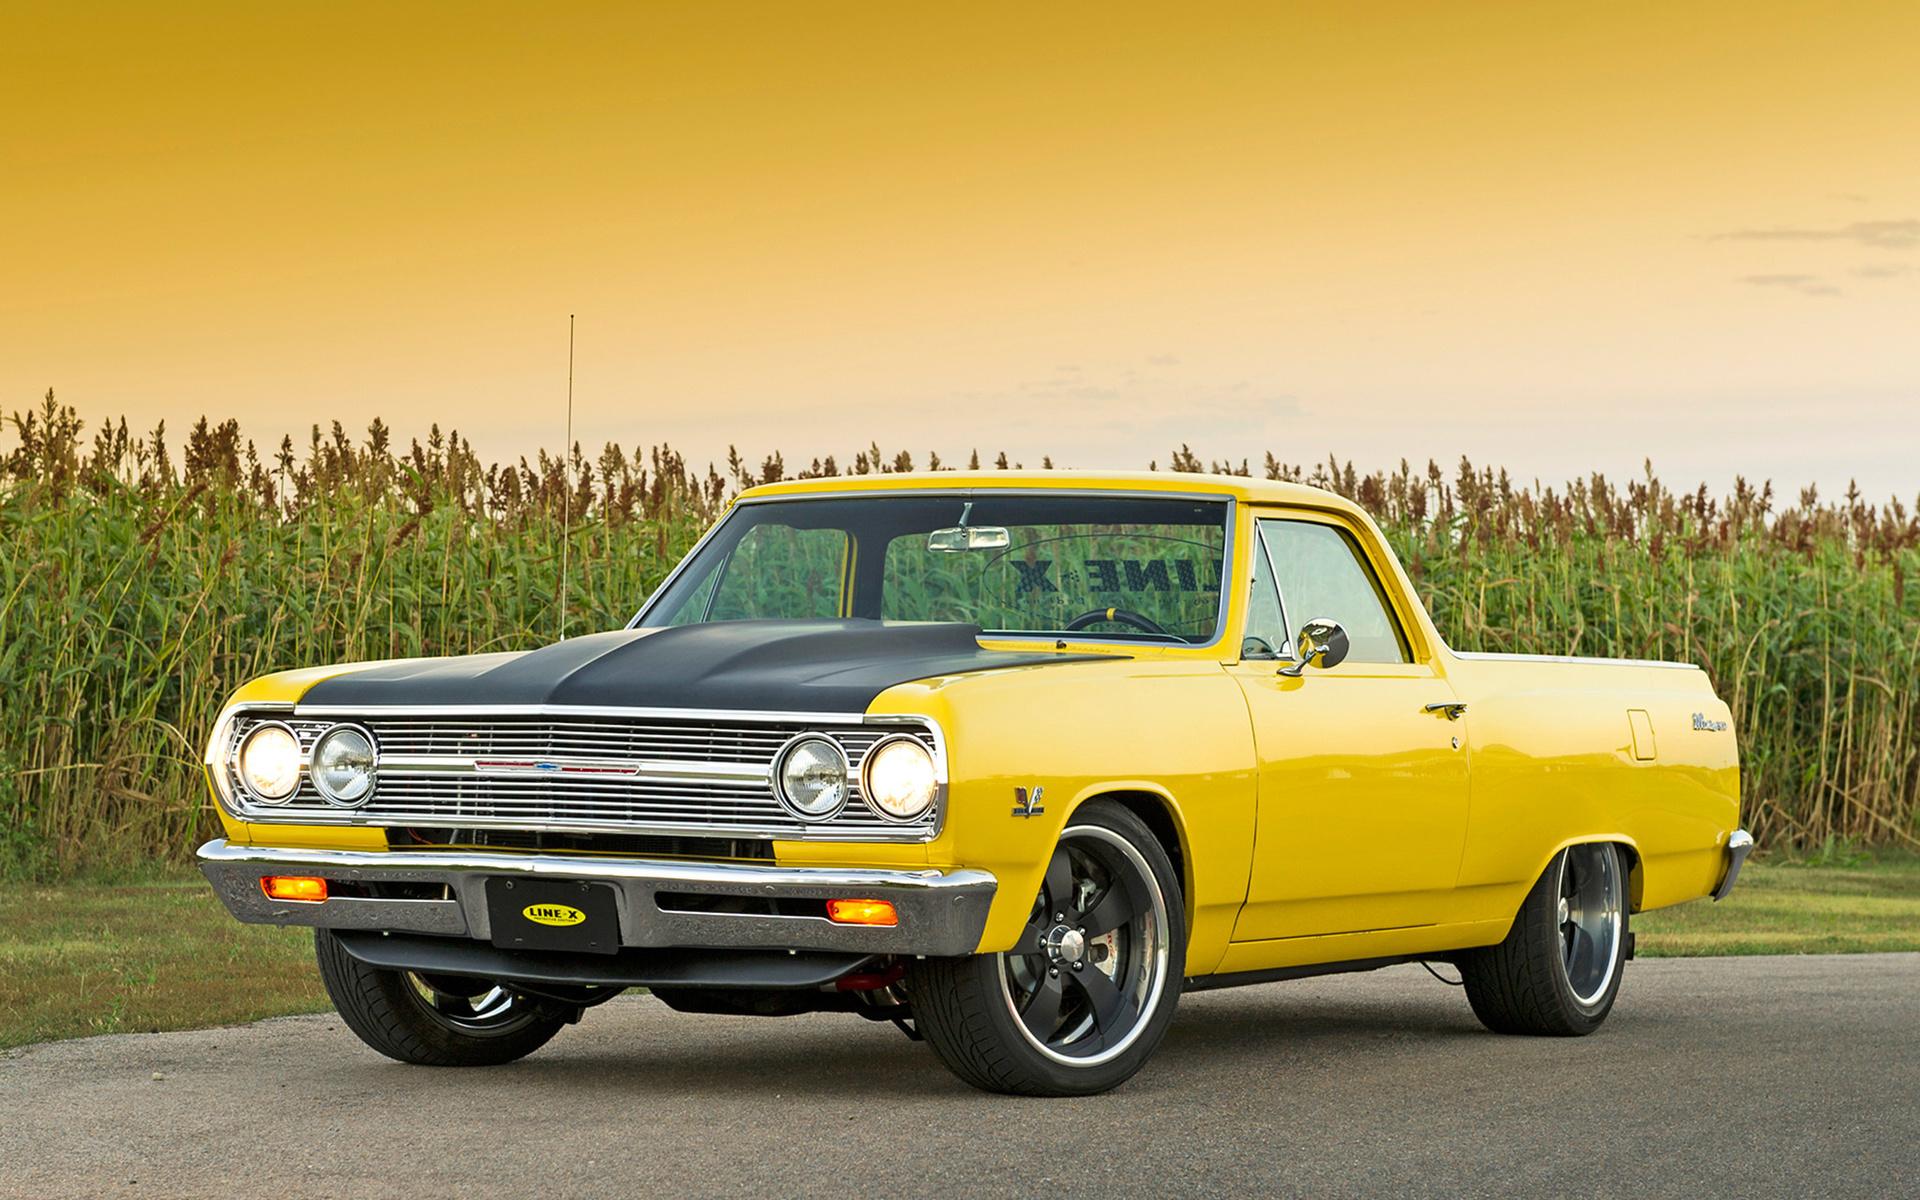 american, classic, car, chevrolet,el camino